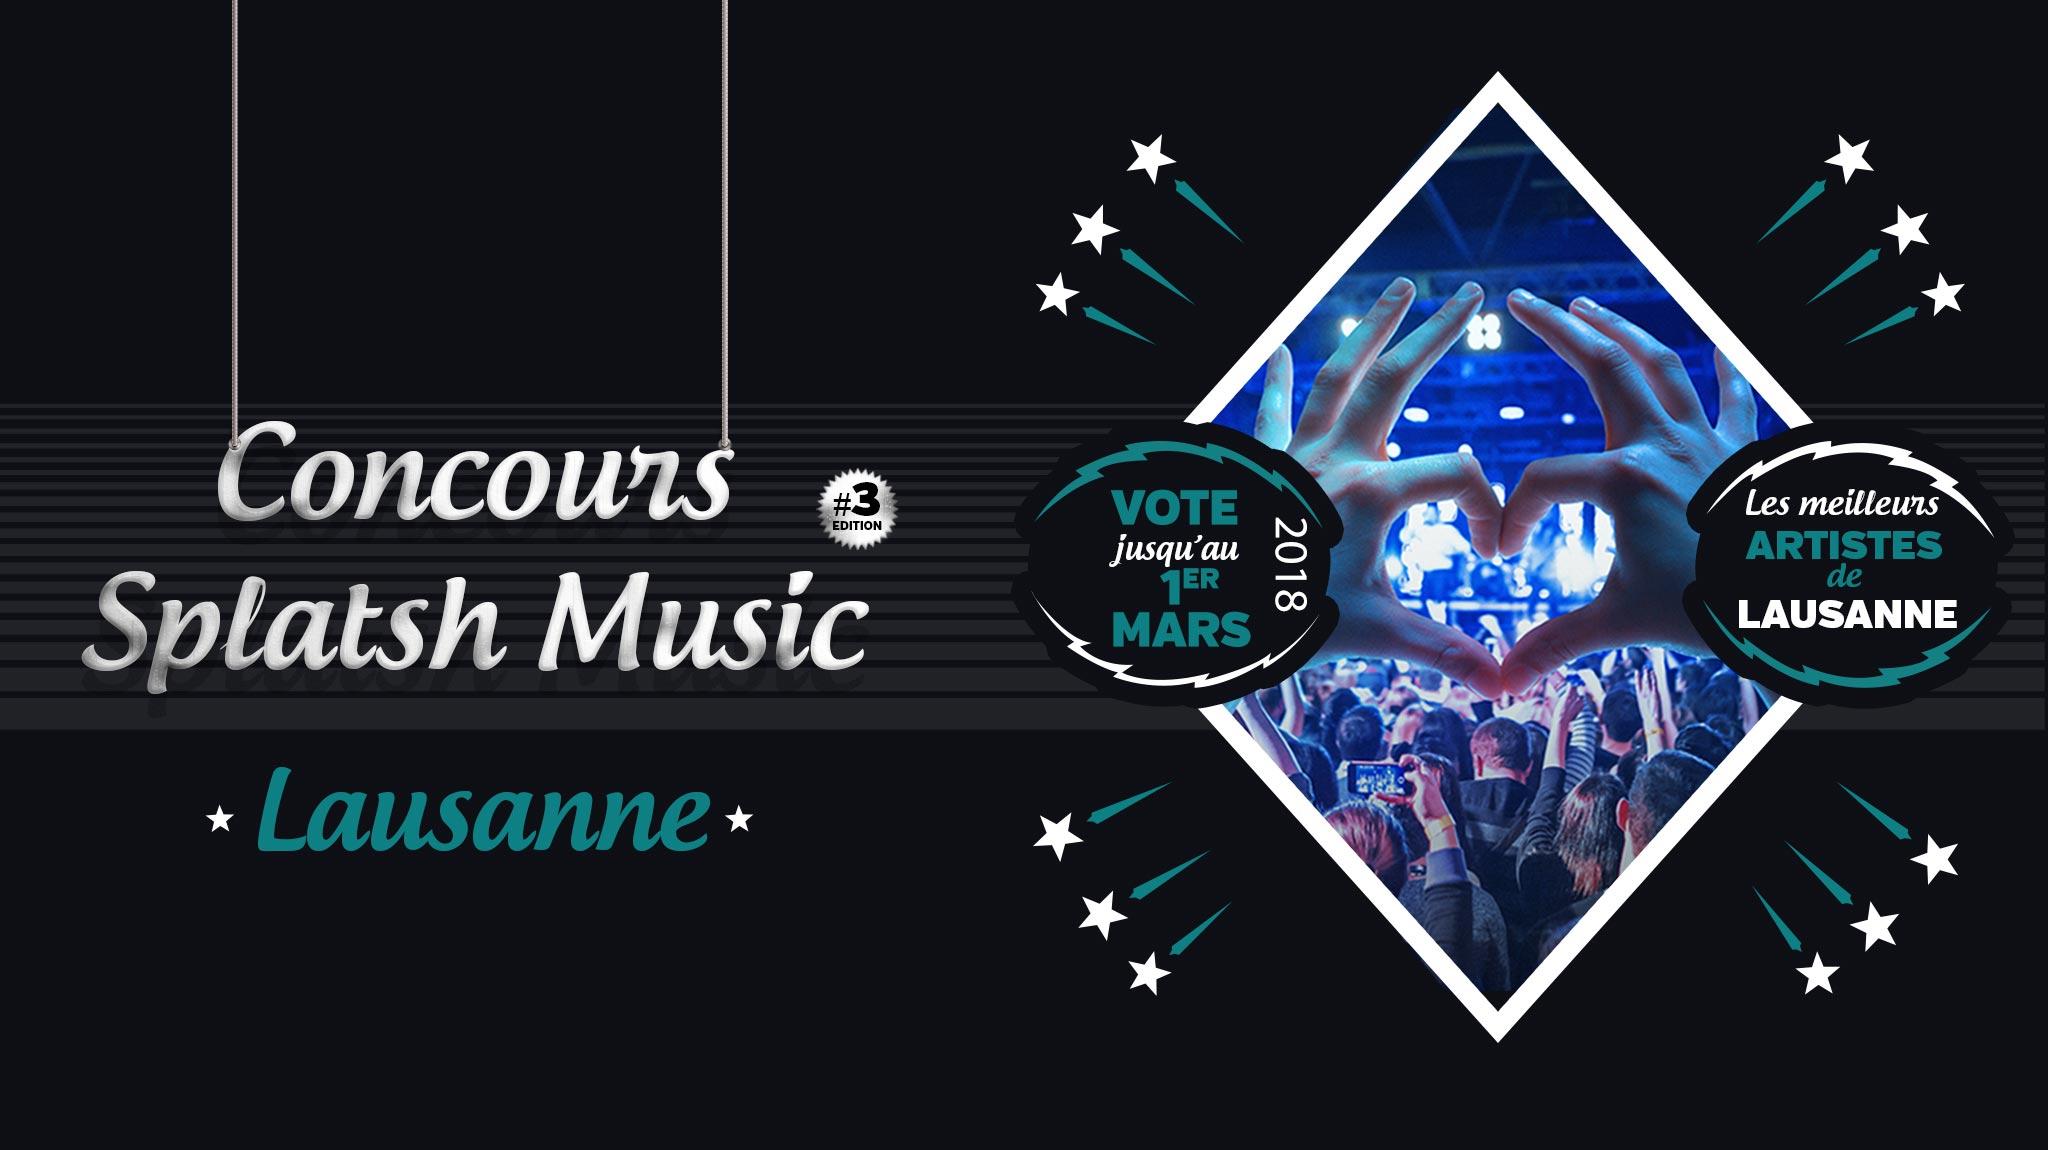 concours splatsh music lausanne